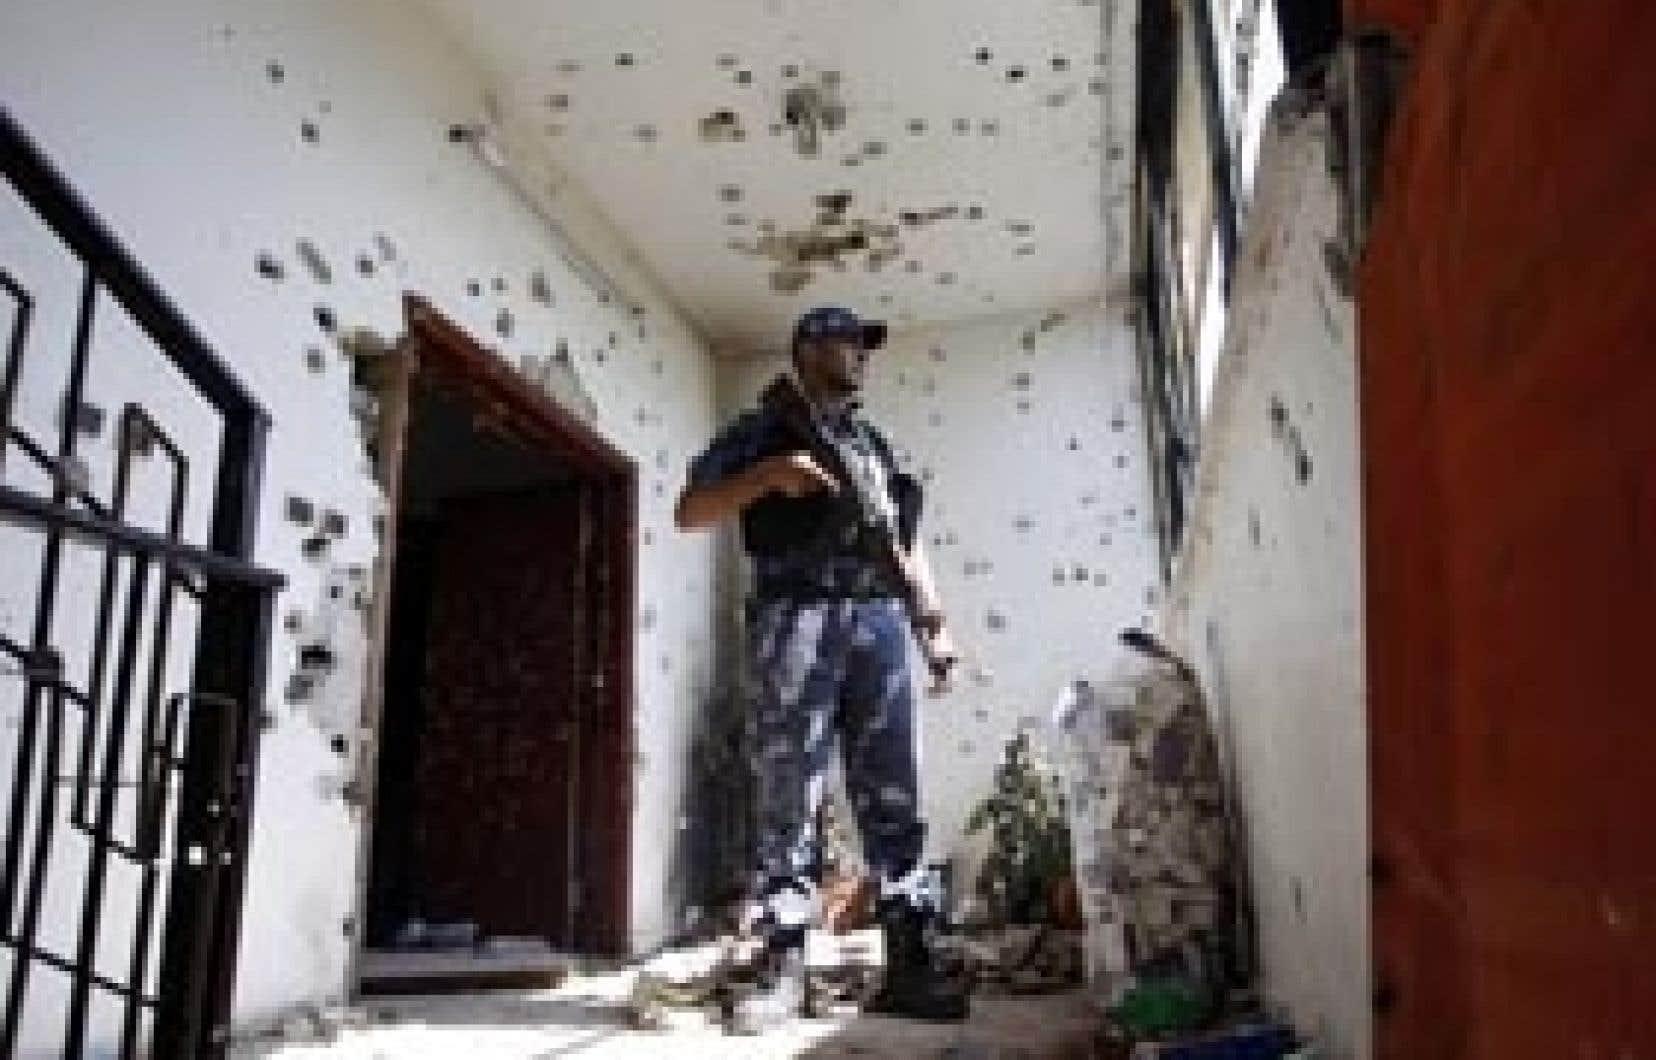 Les dizaines d'impacts de balles visibles sur les murs et les meubles de la maison attestaient de la violence de la fusillade.